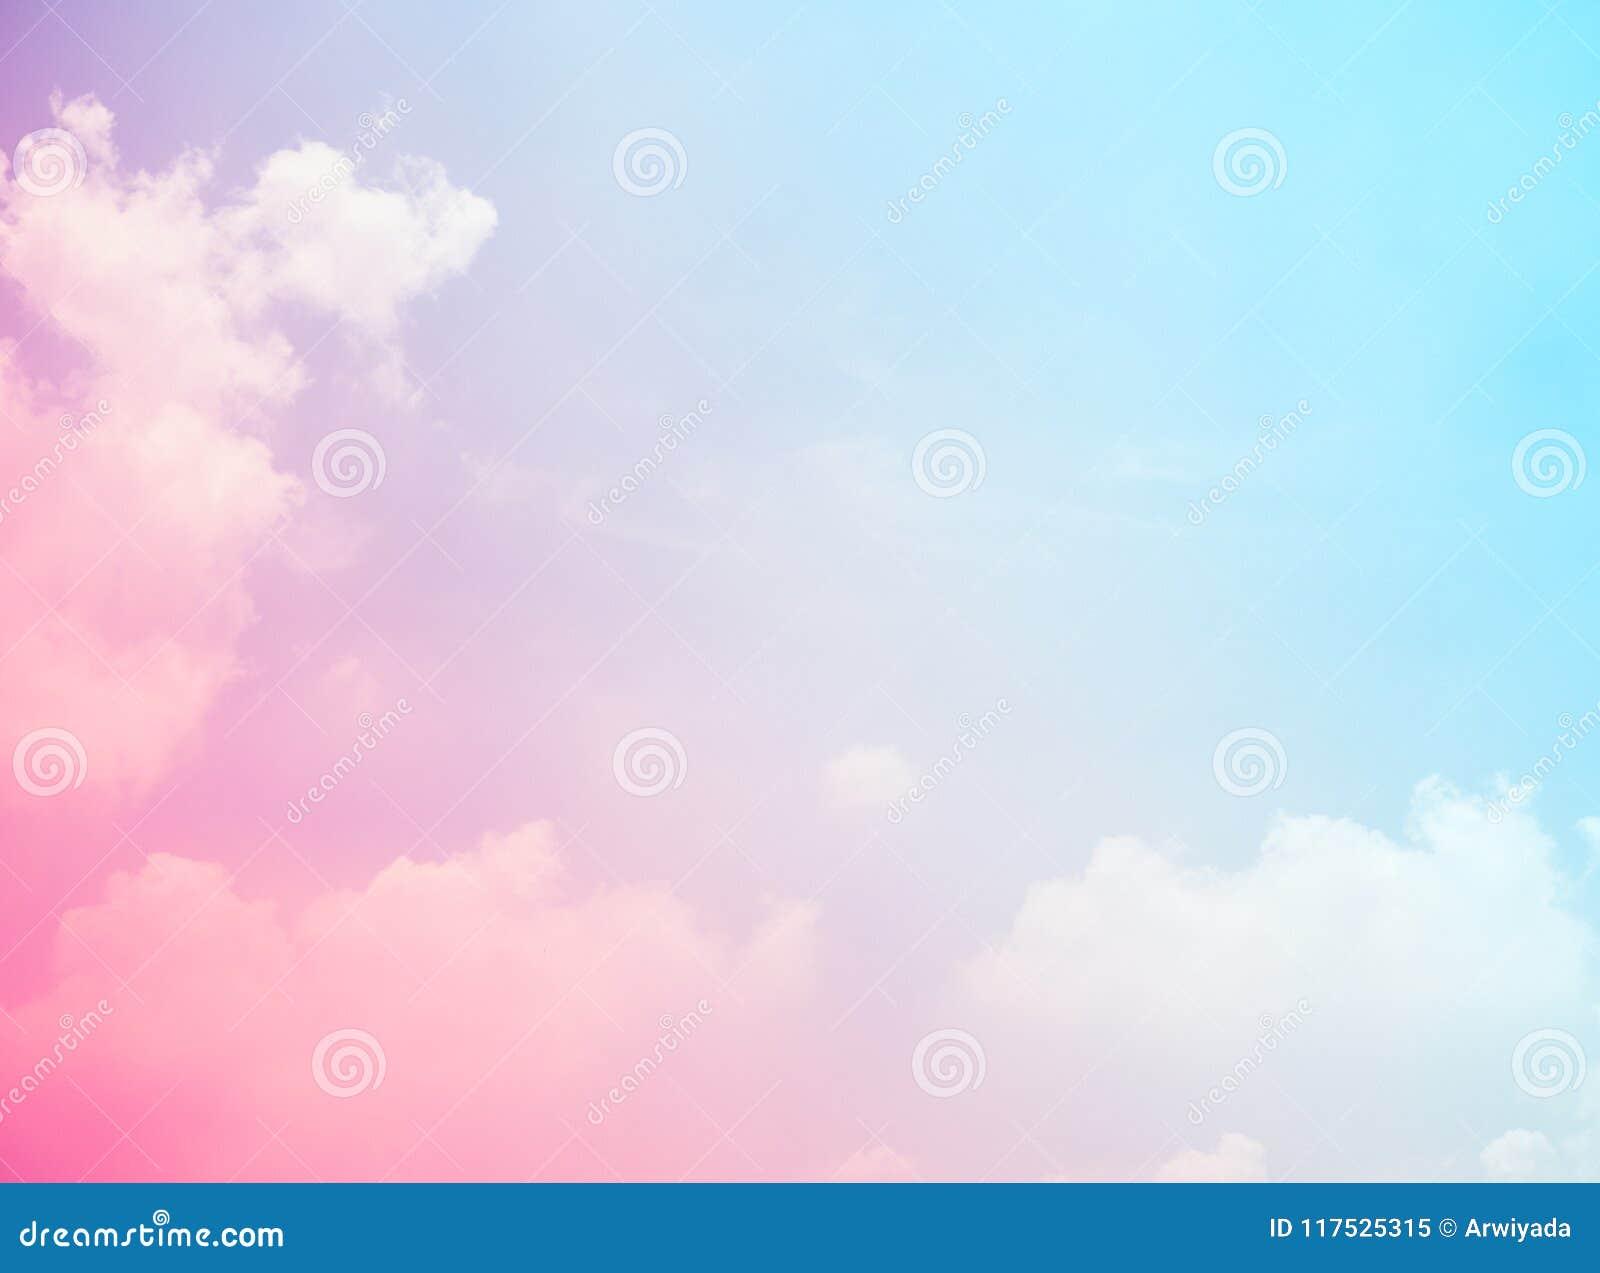 Colores rosados y azules del cielo gra abstracto de la luz de la falta de definición del fondo del cielo